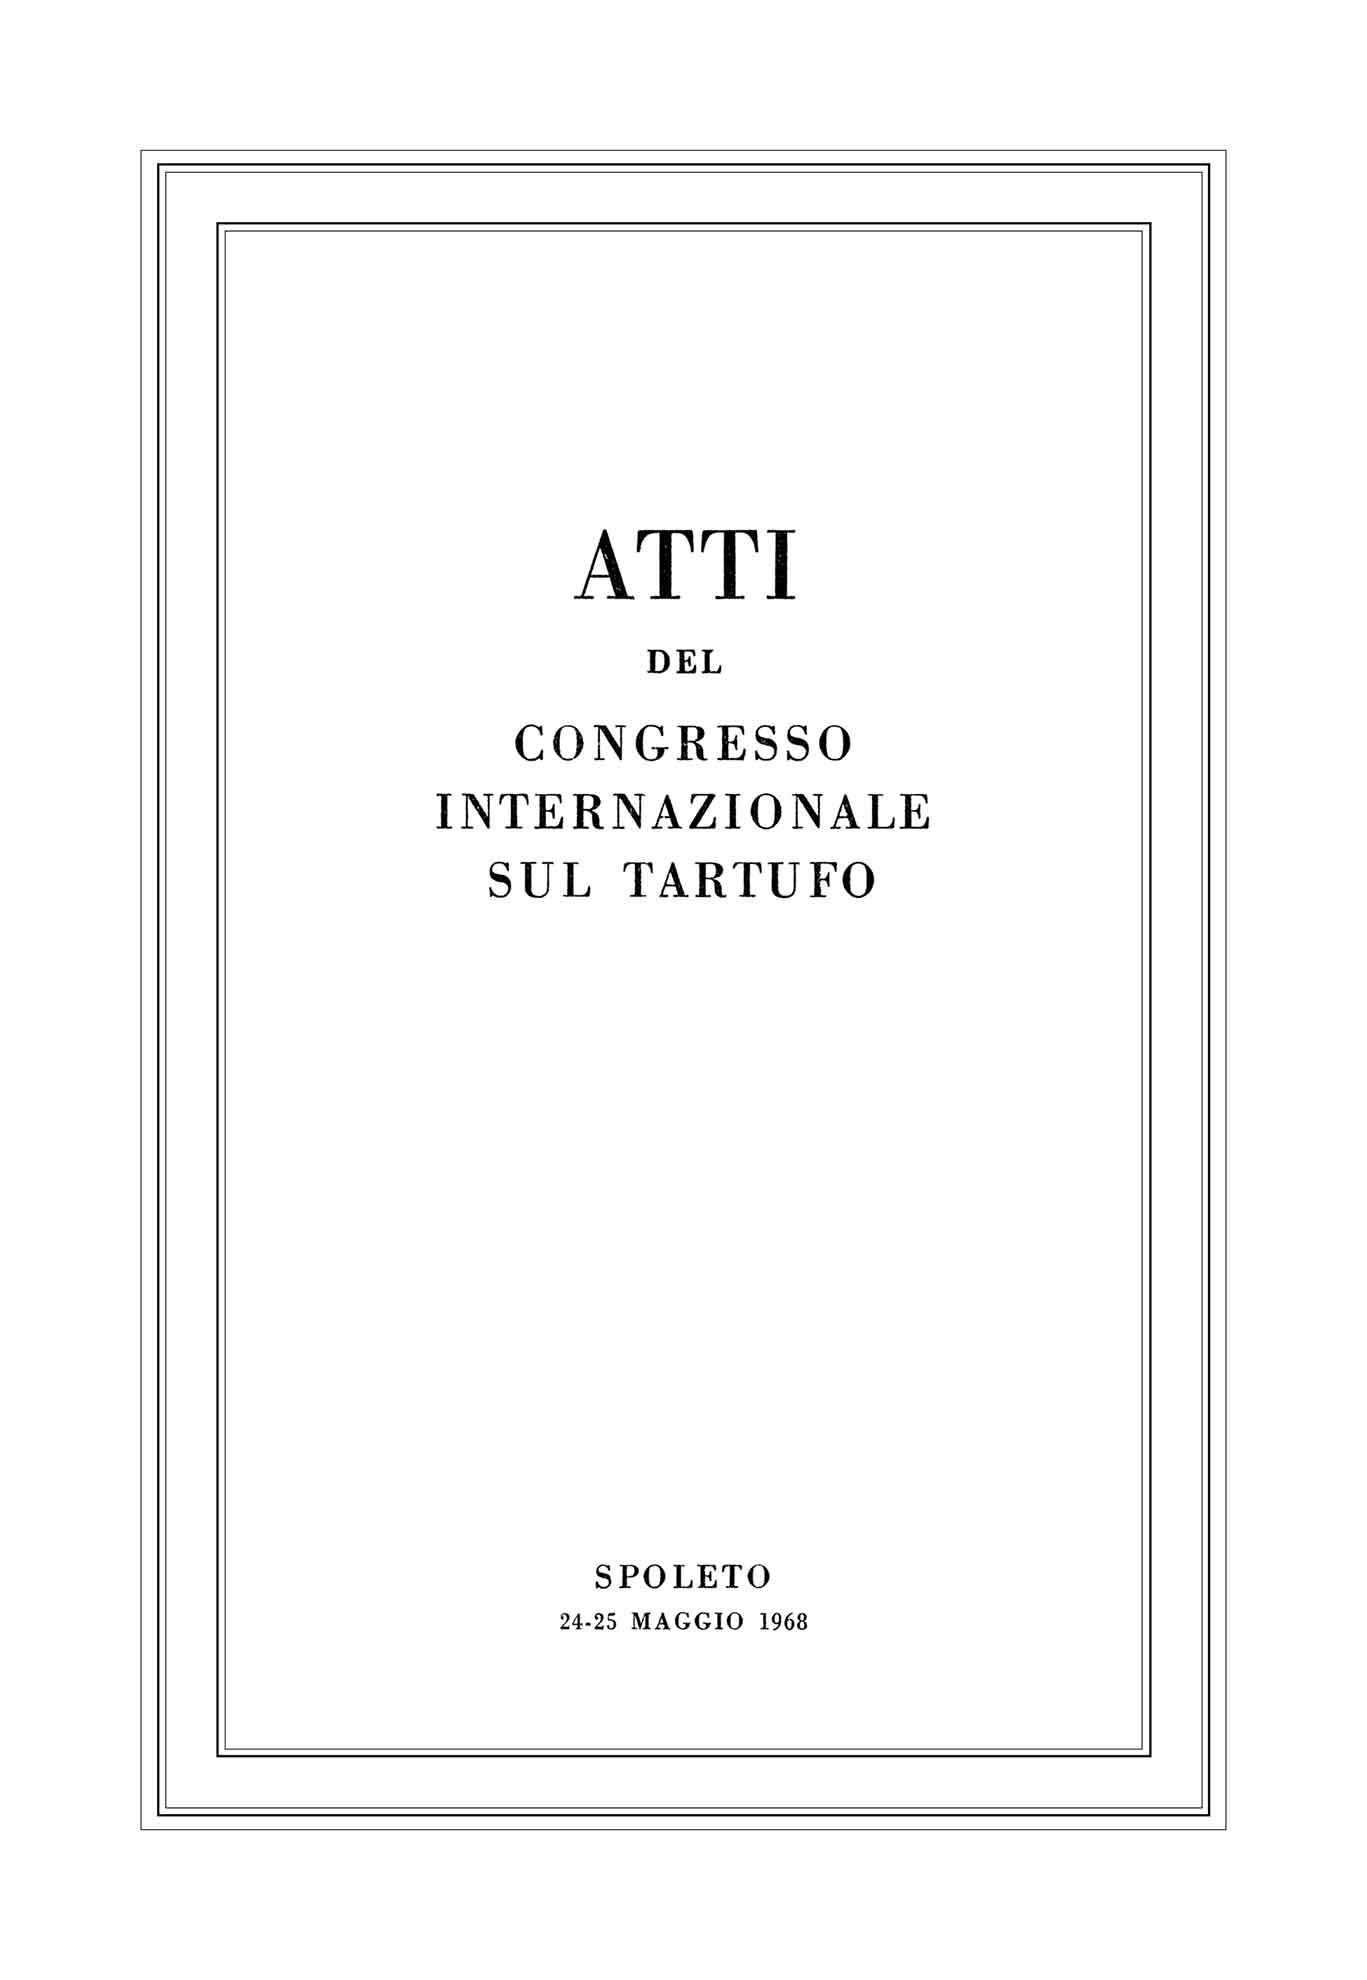 atti-1-congresso-tartufo-spoleto-copertina-web